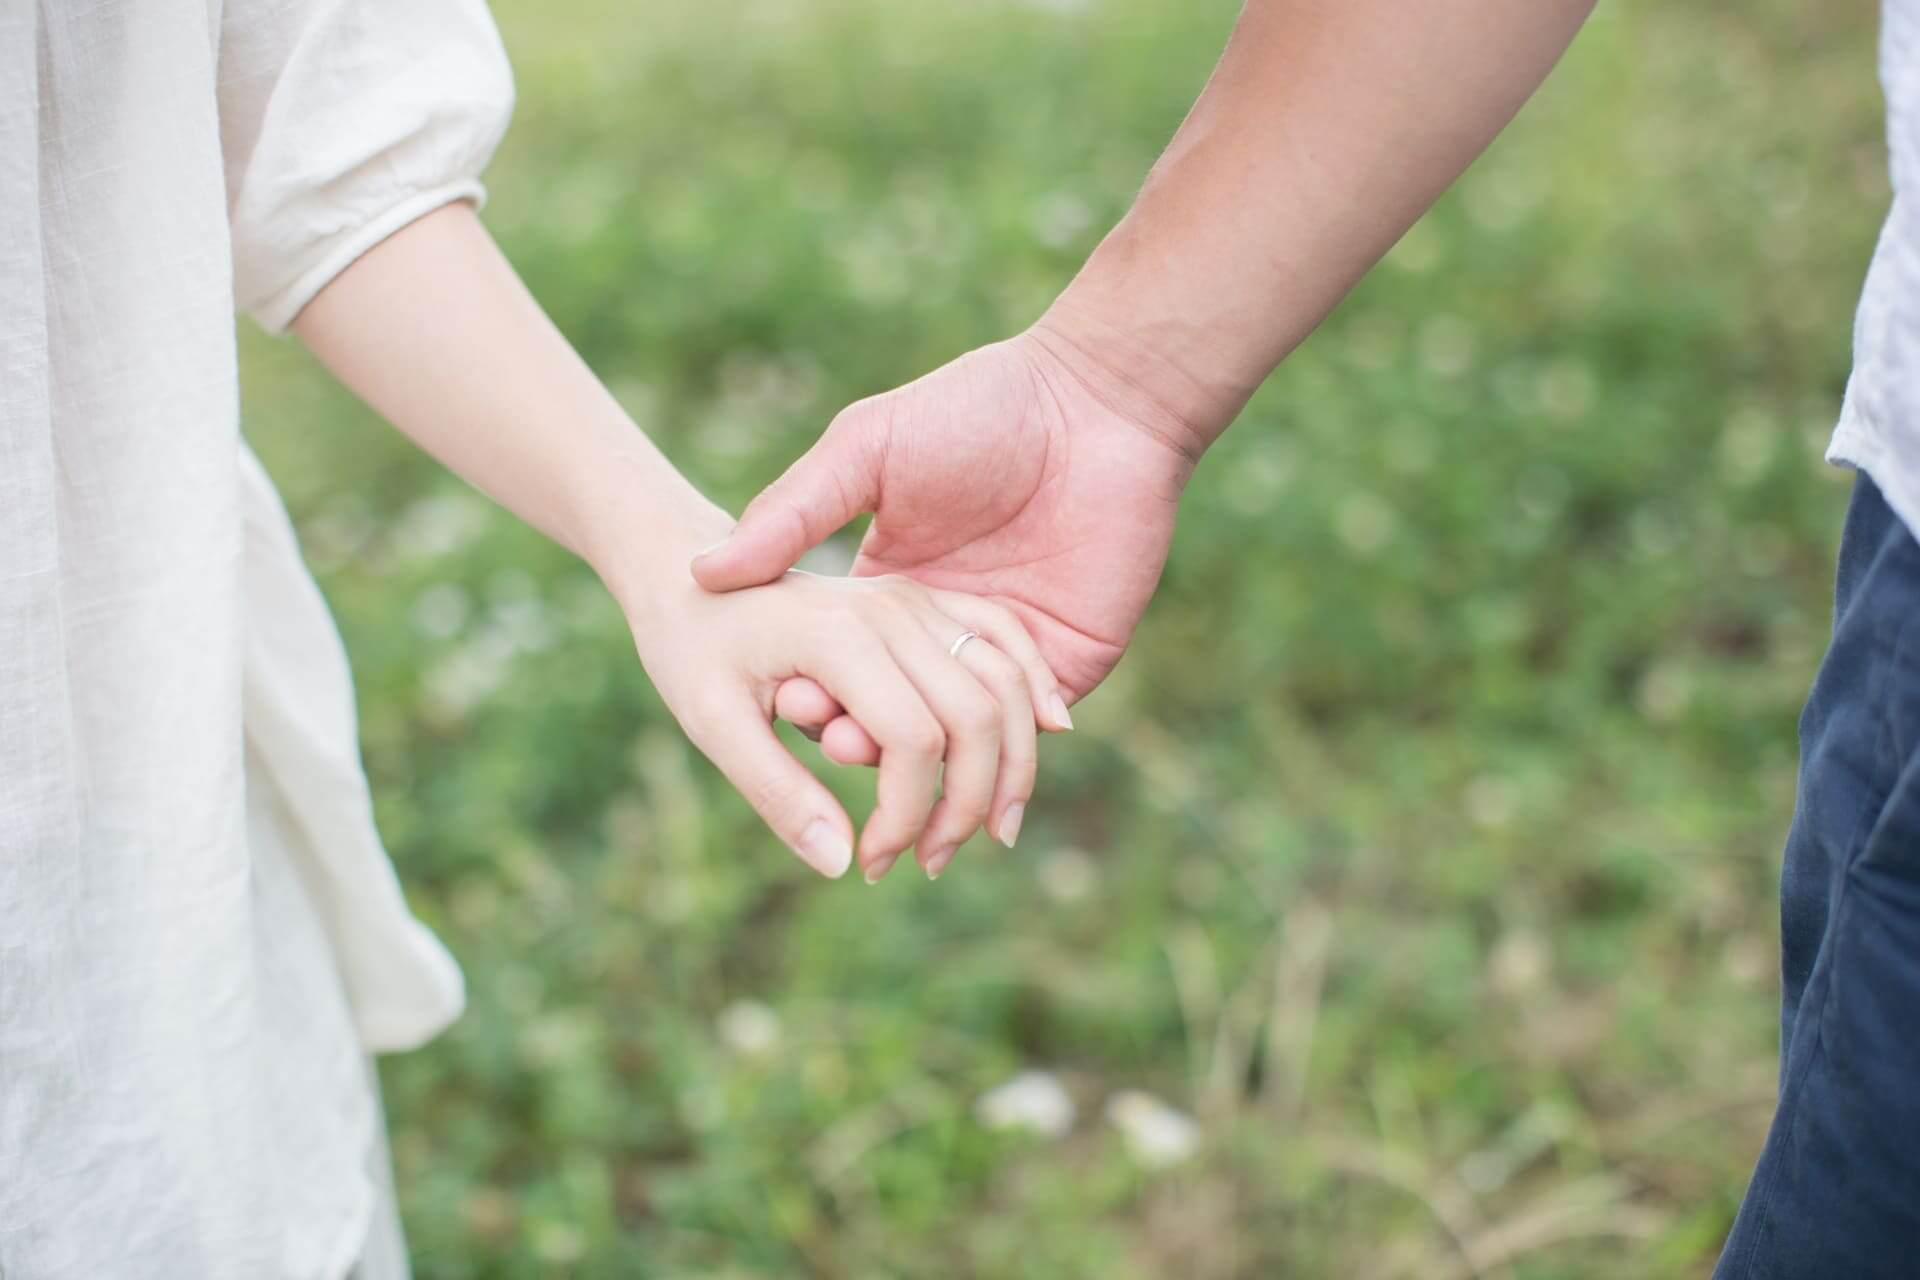 友だちから紹介された異性と付き合う方法◆メリット・デメリットとは